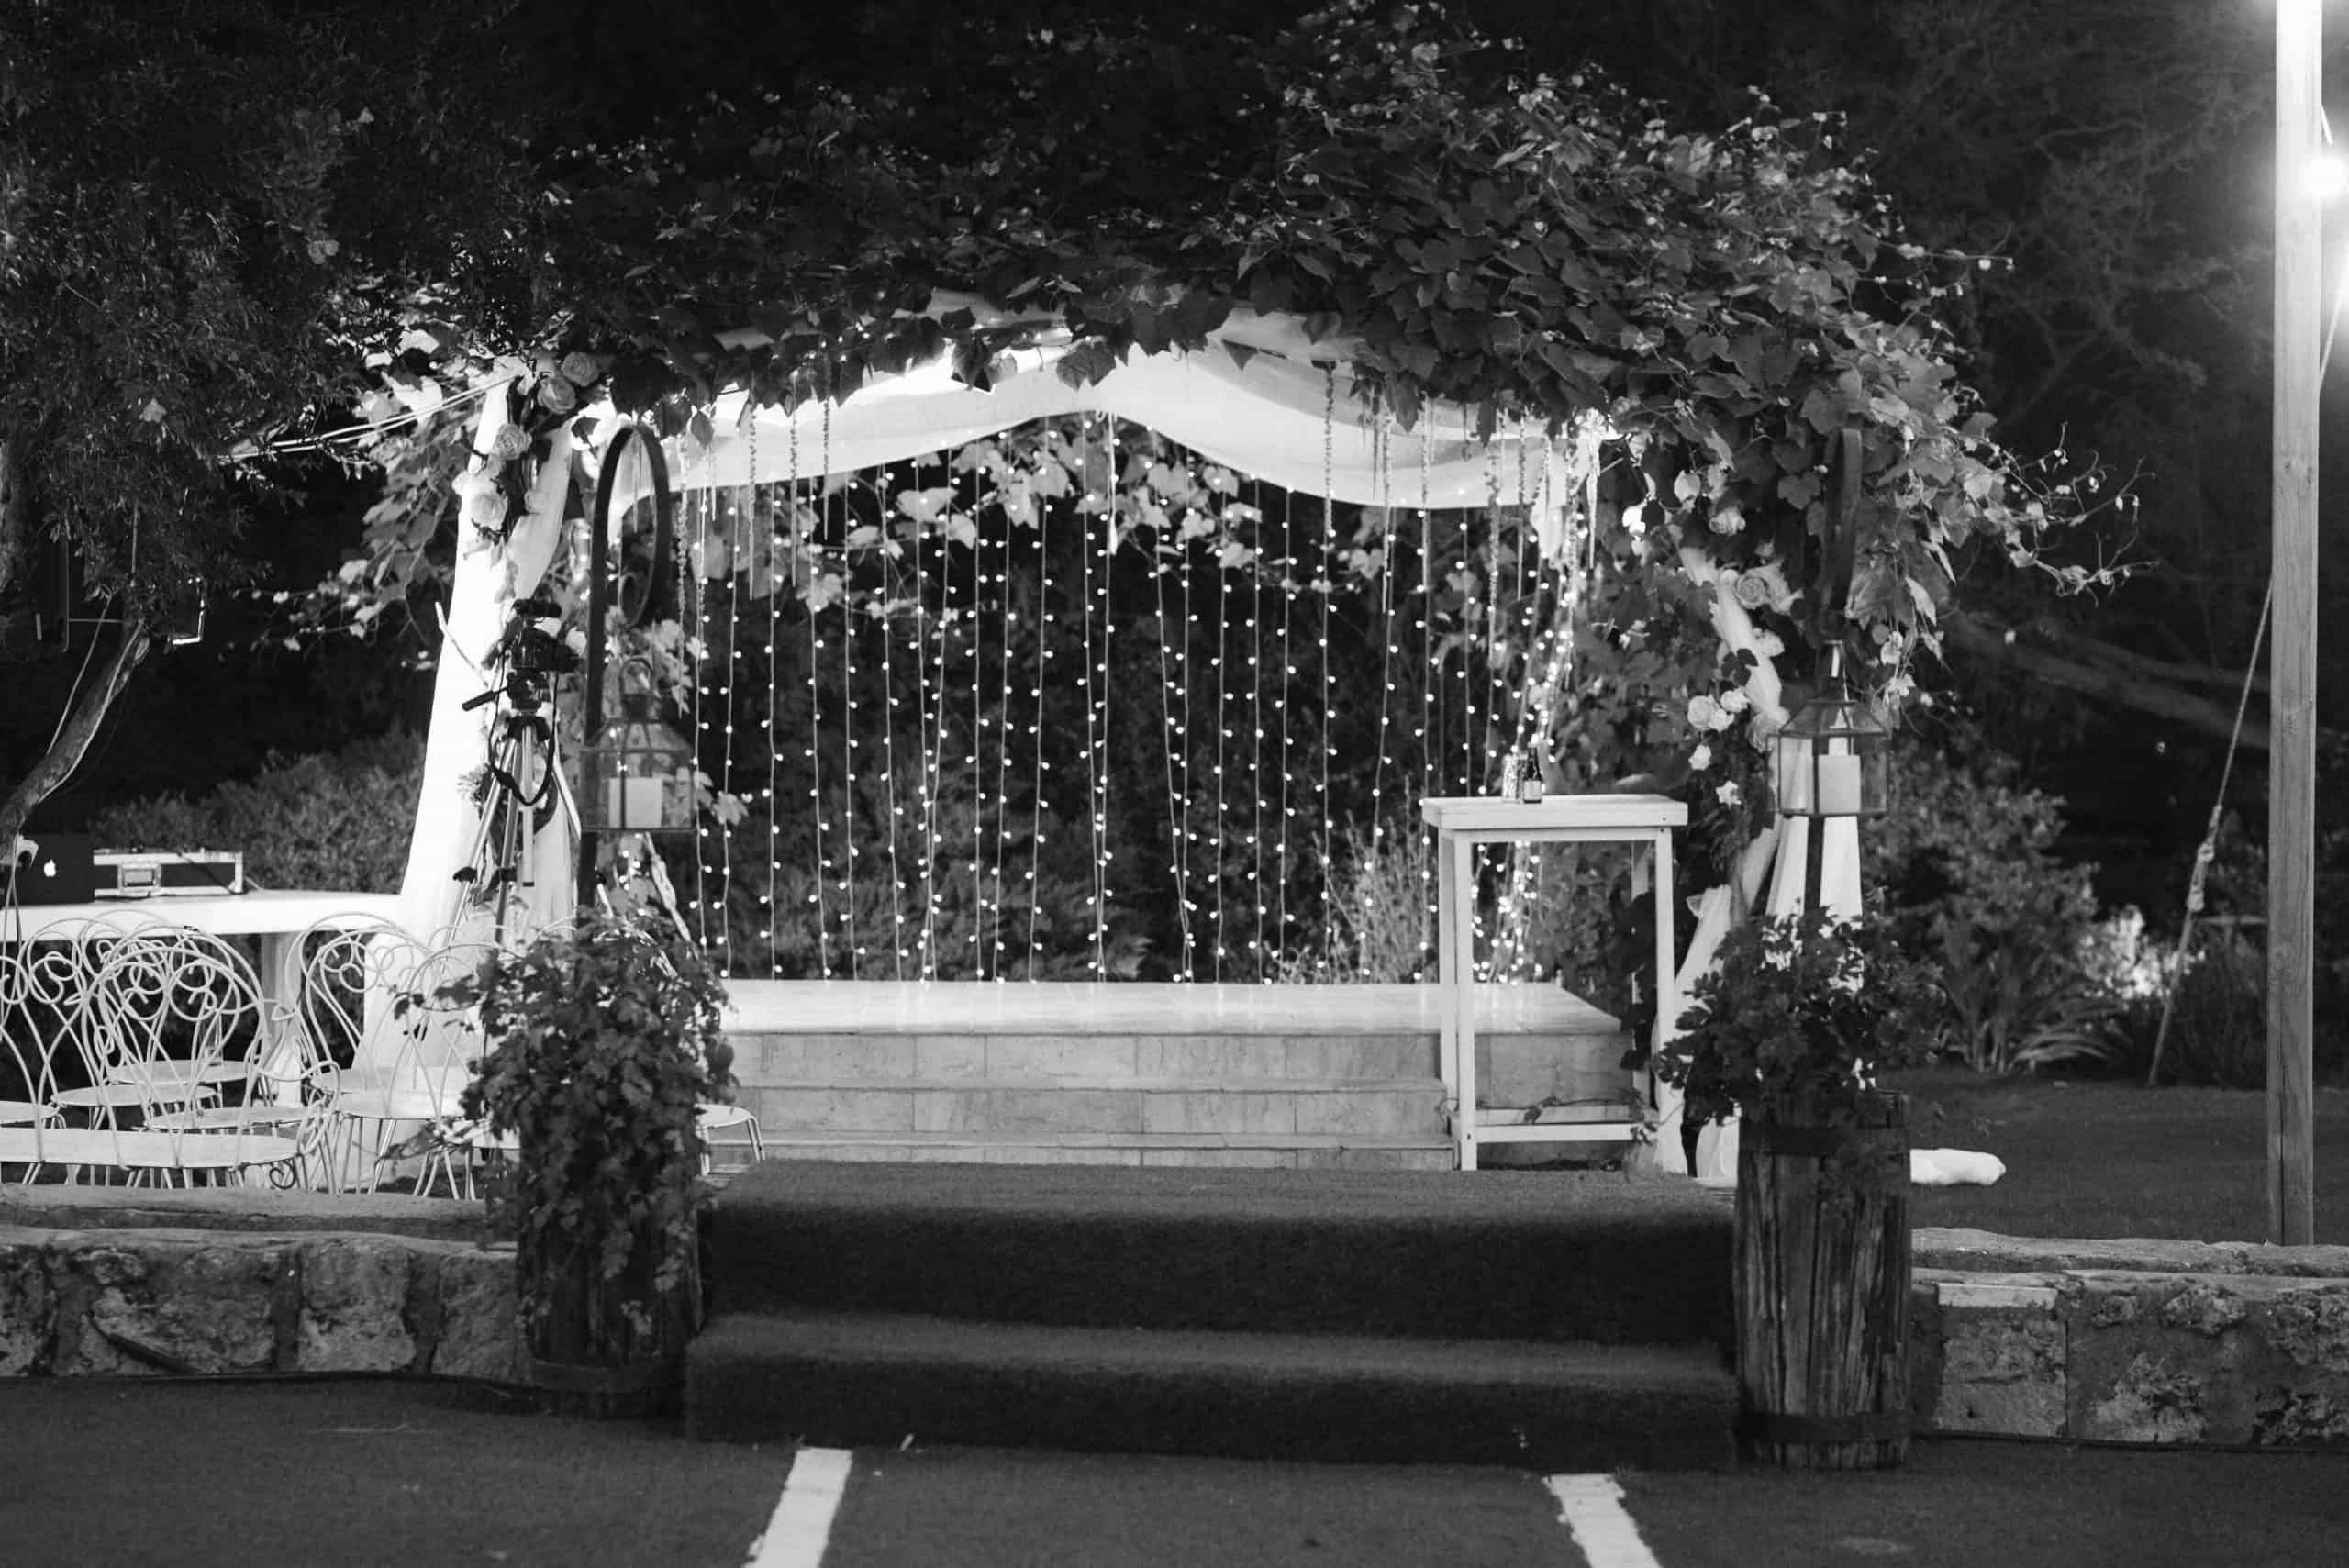 יובל ואורן – מגנטים בשחור לבן